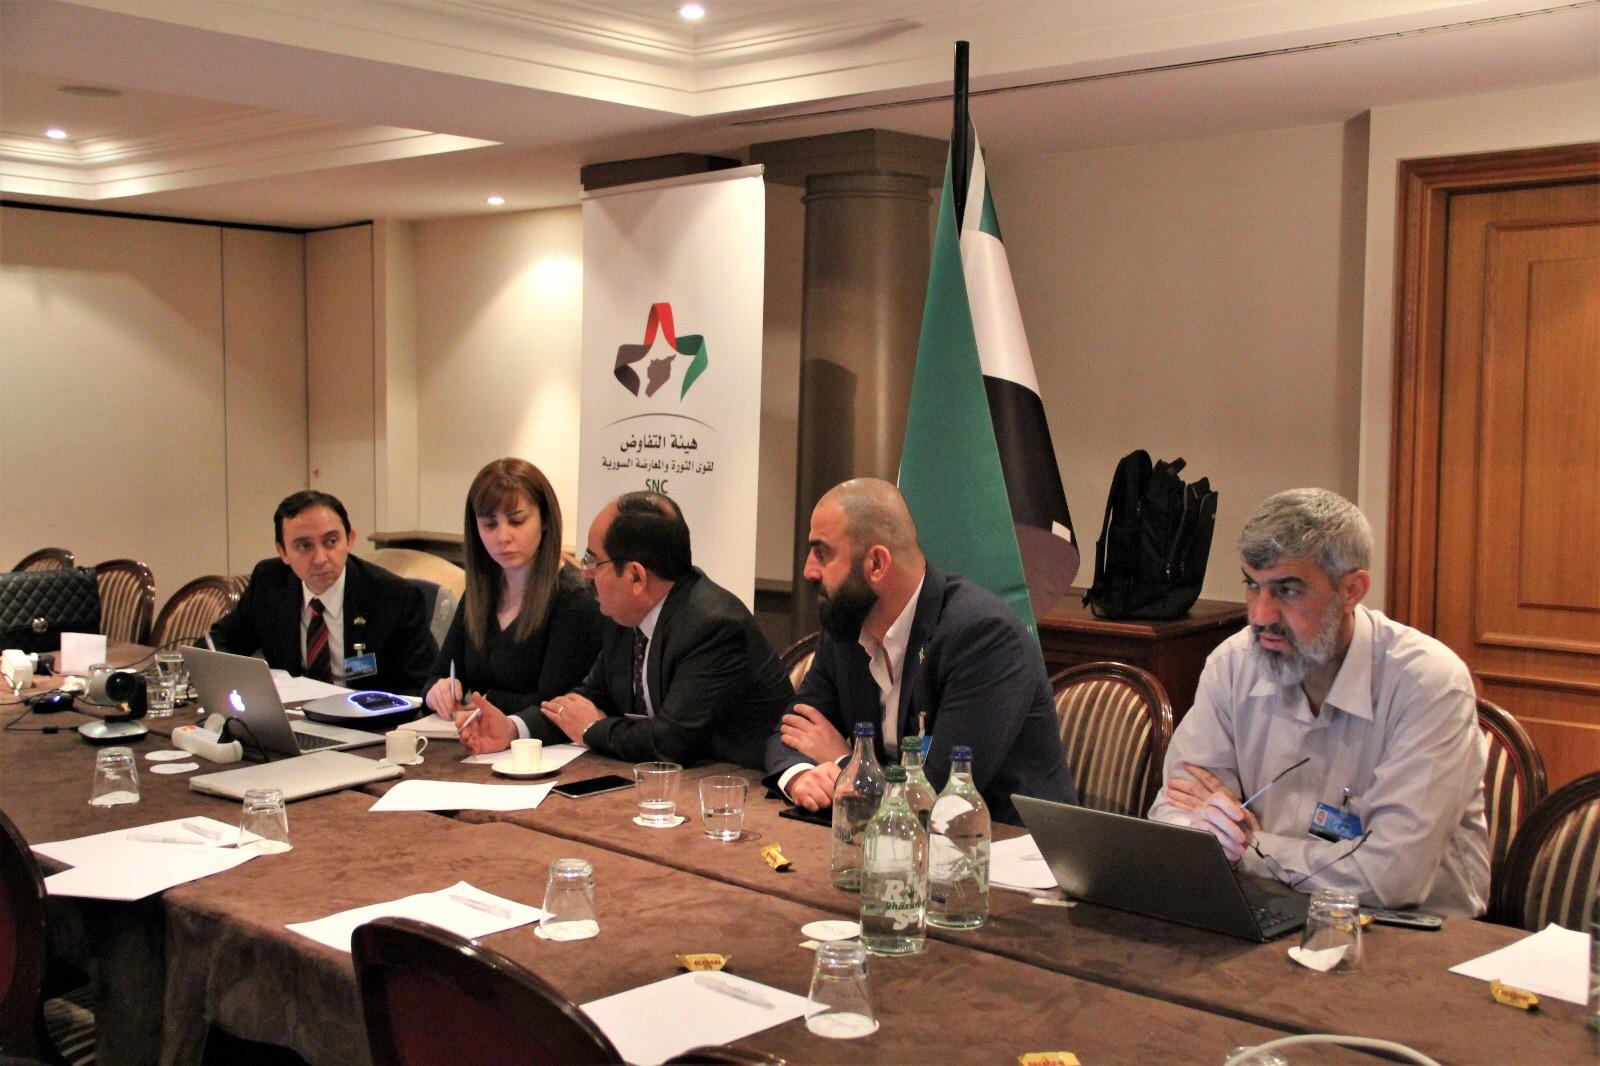 لقاء الدبلوماسيين مع أعضاء هيئة المفاوضات